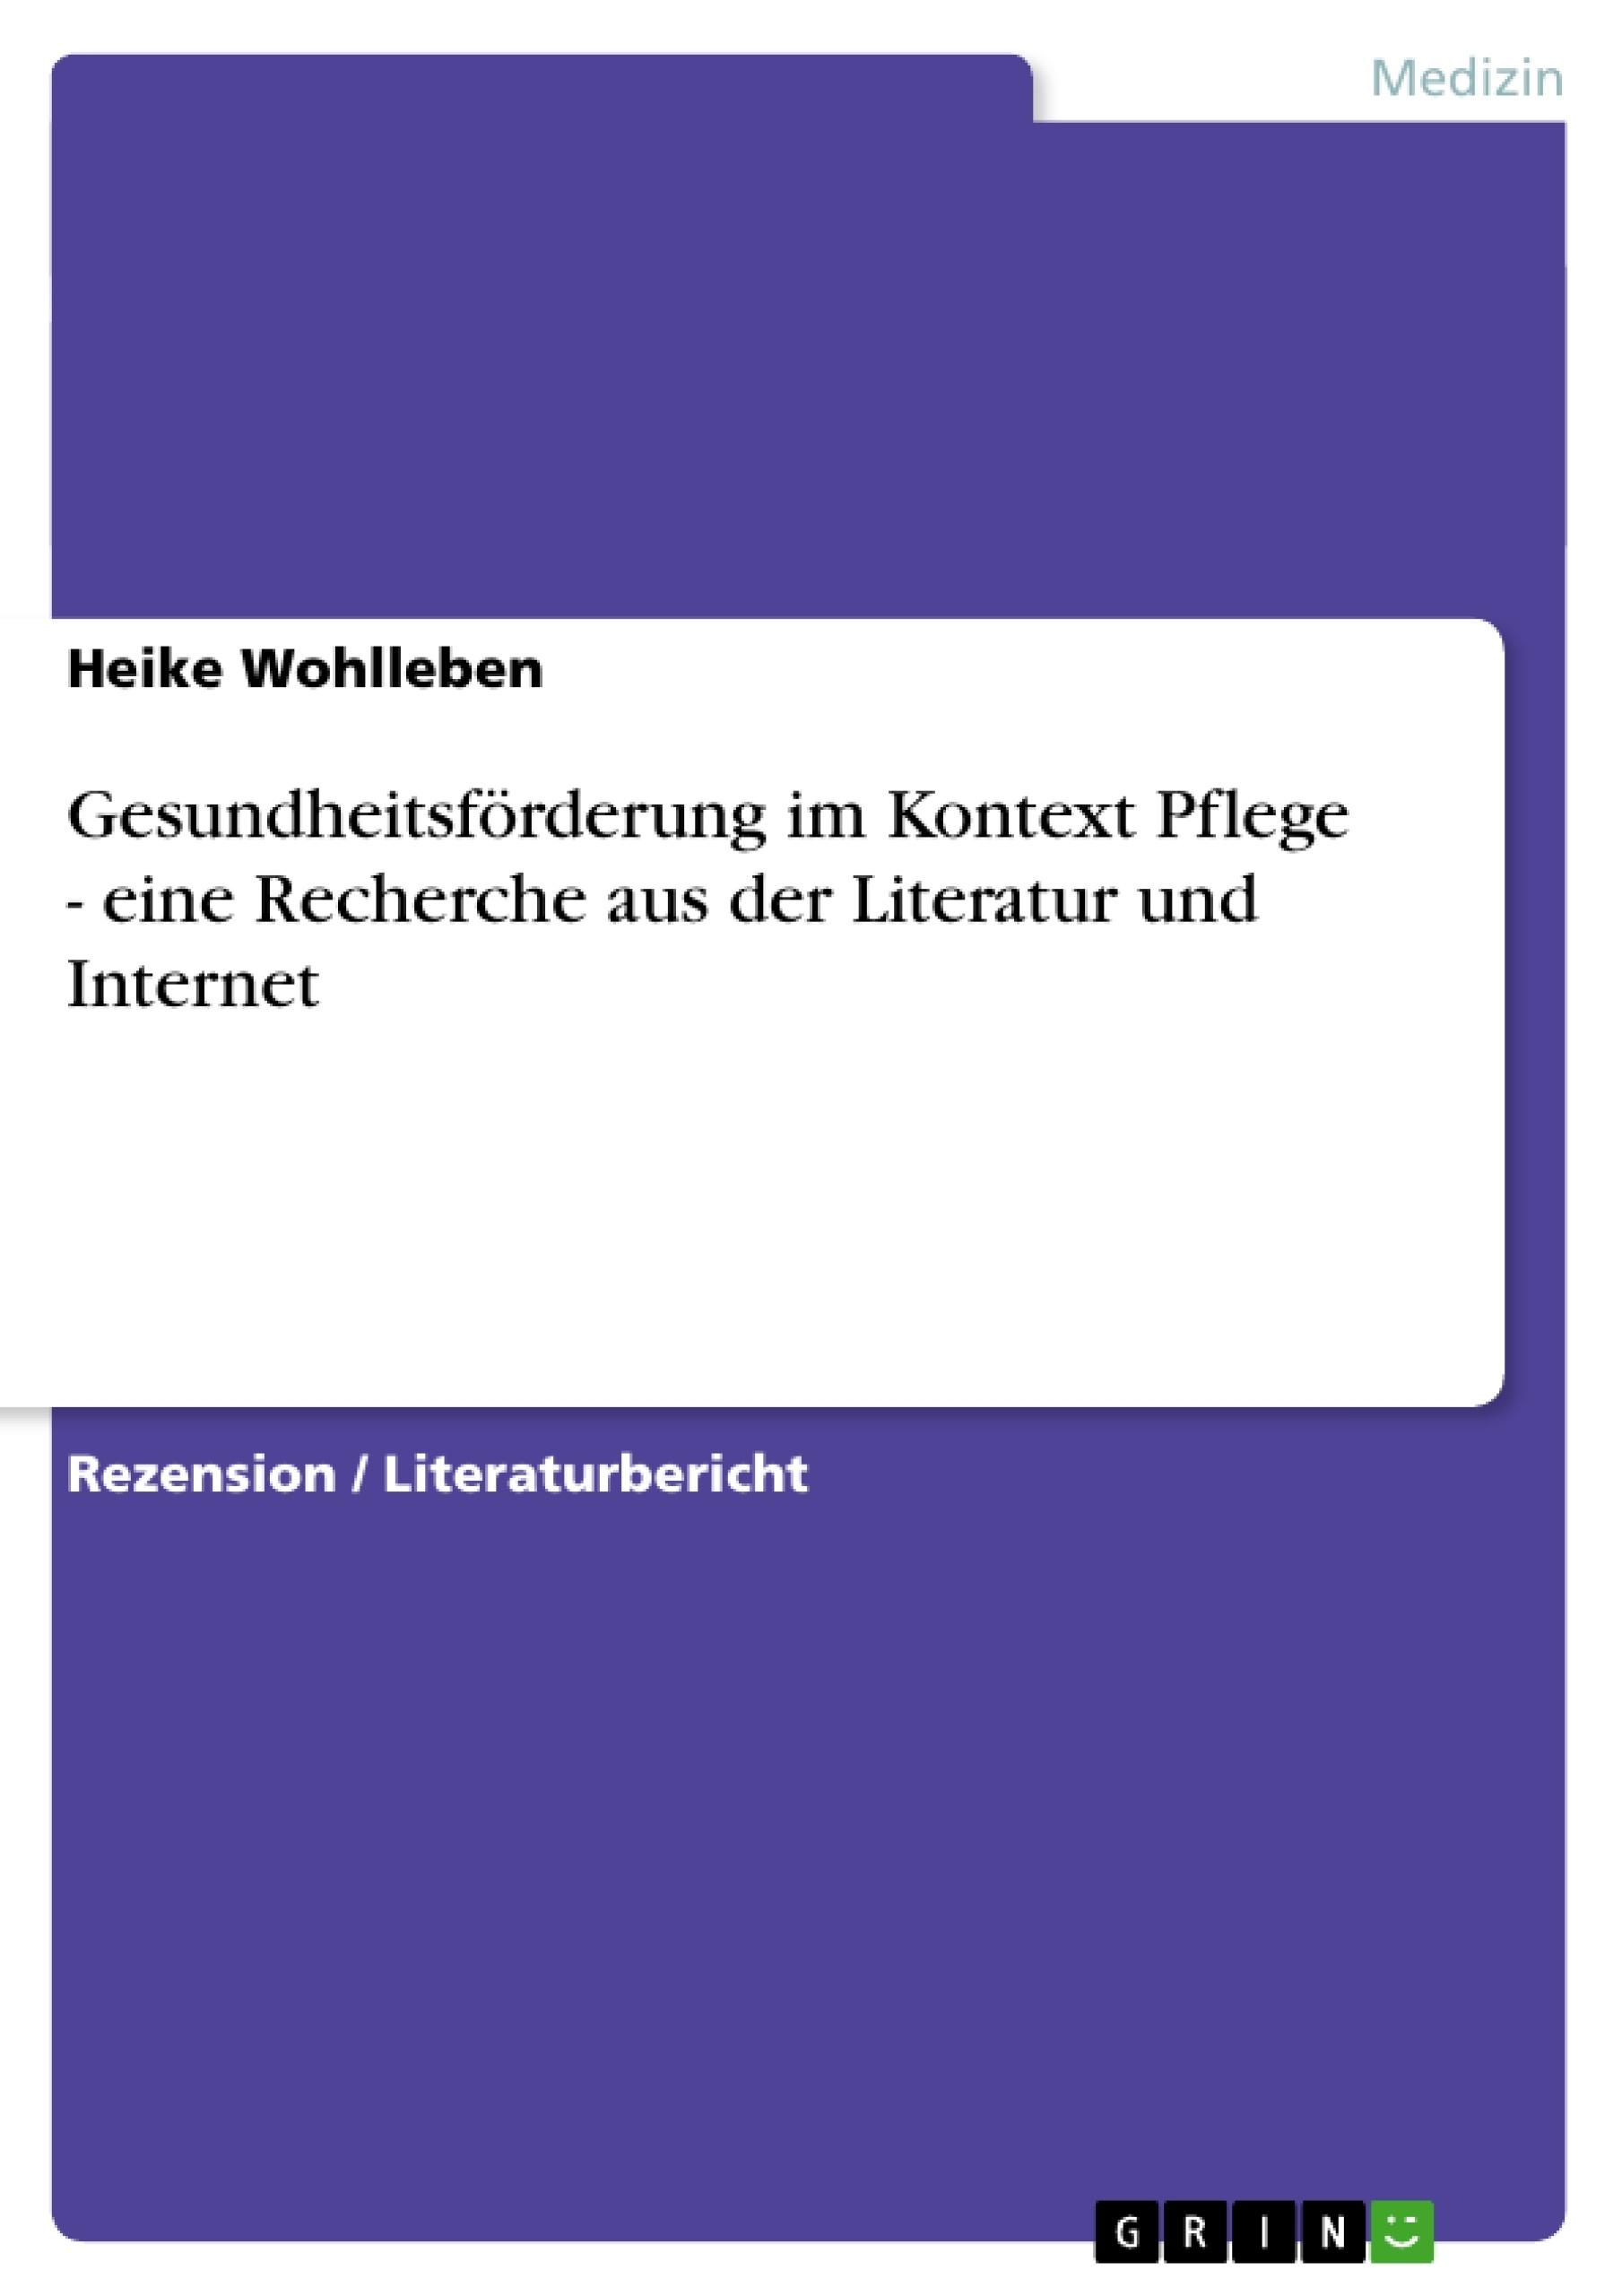 Titel: Gesundheitsförderung im Kontext Pflege - eine Recherche aus der Literatur und Internet